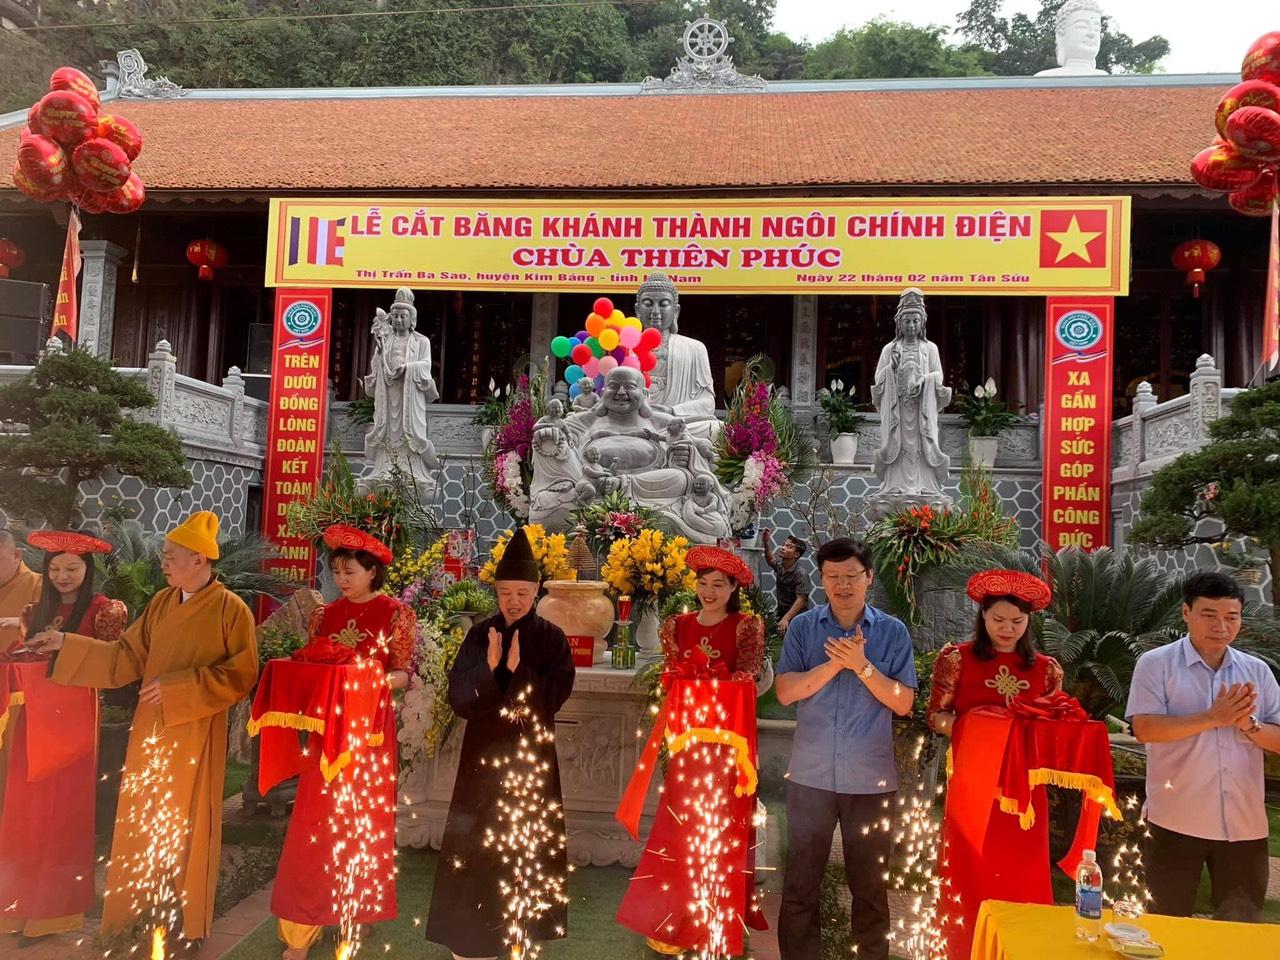 Huyện Kim Bảng: Lễ lạc thành Chính điện chùa Thiên Phúc